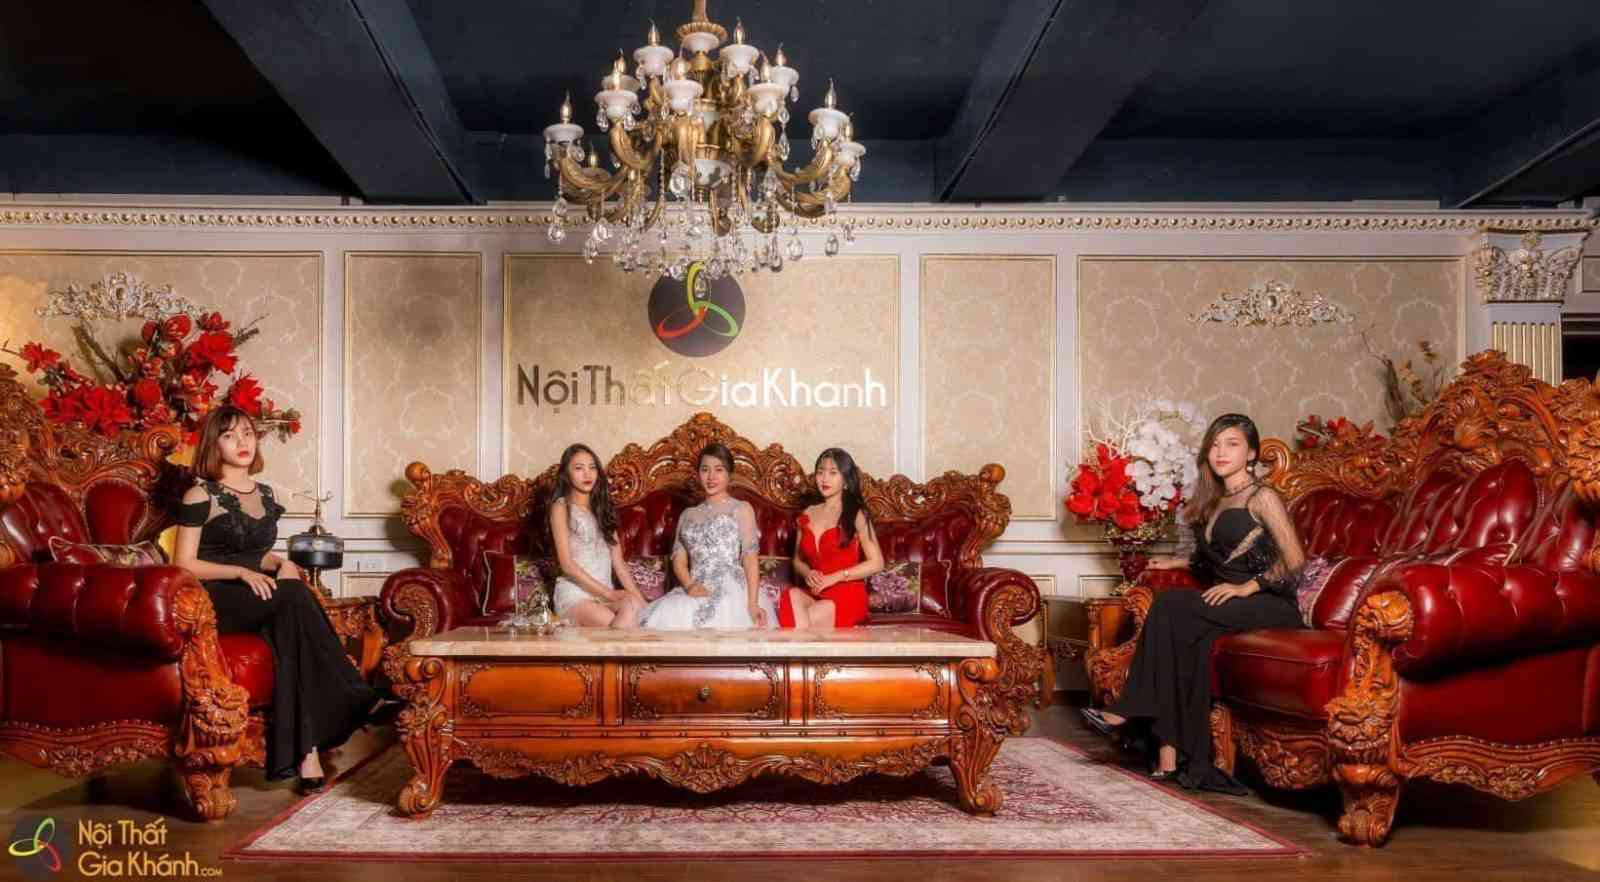 Choáng ngợp với hình ảnh ghế sofa giá trị nhất Việt Nam - Choang ngop voi hinh anh ghe sofa gia tri nhat viet nam 1